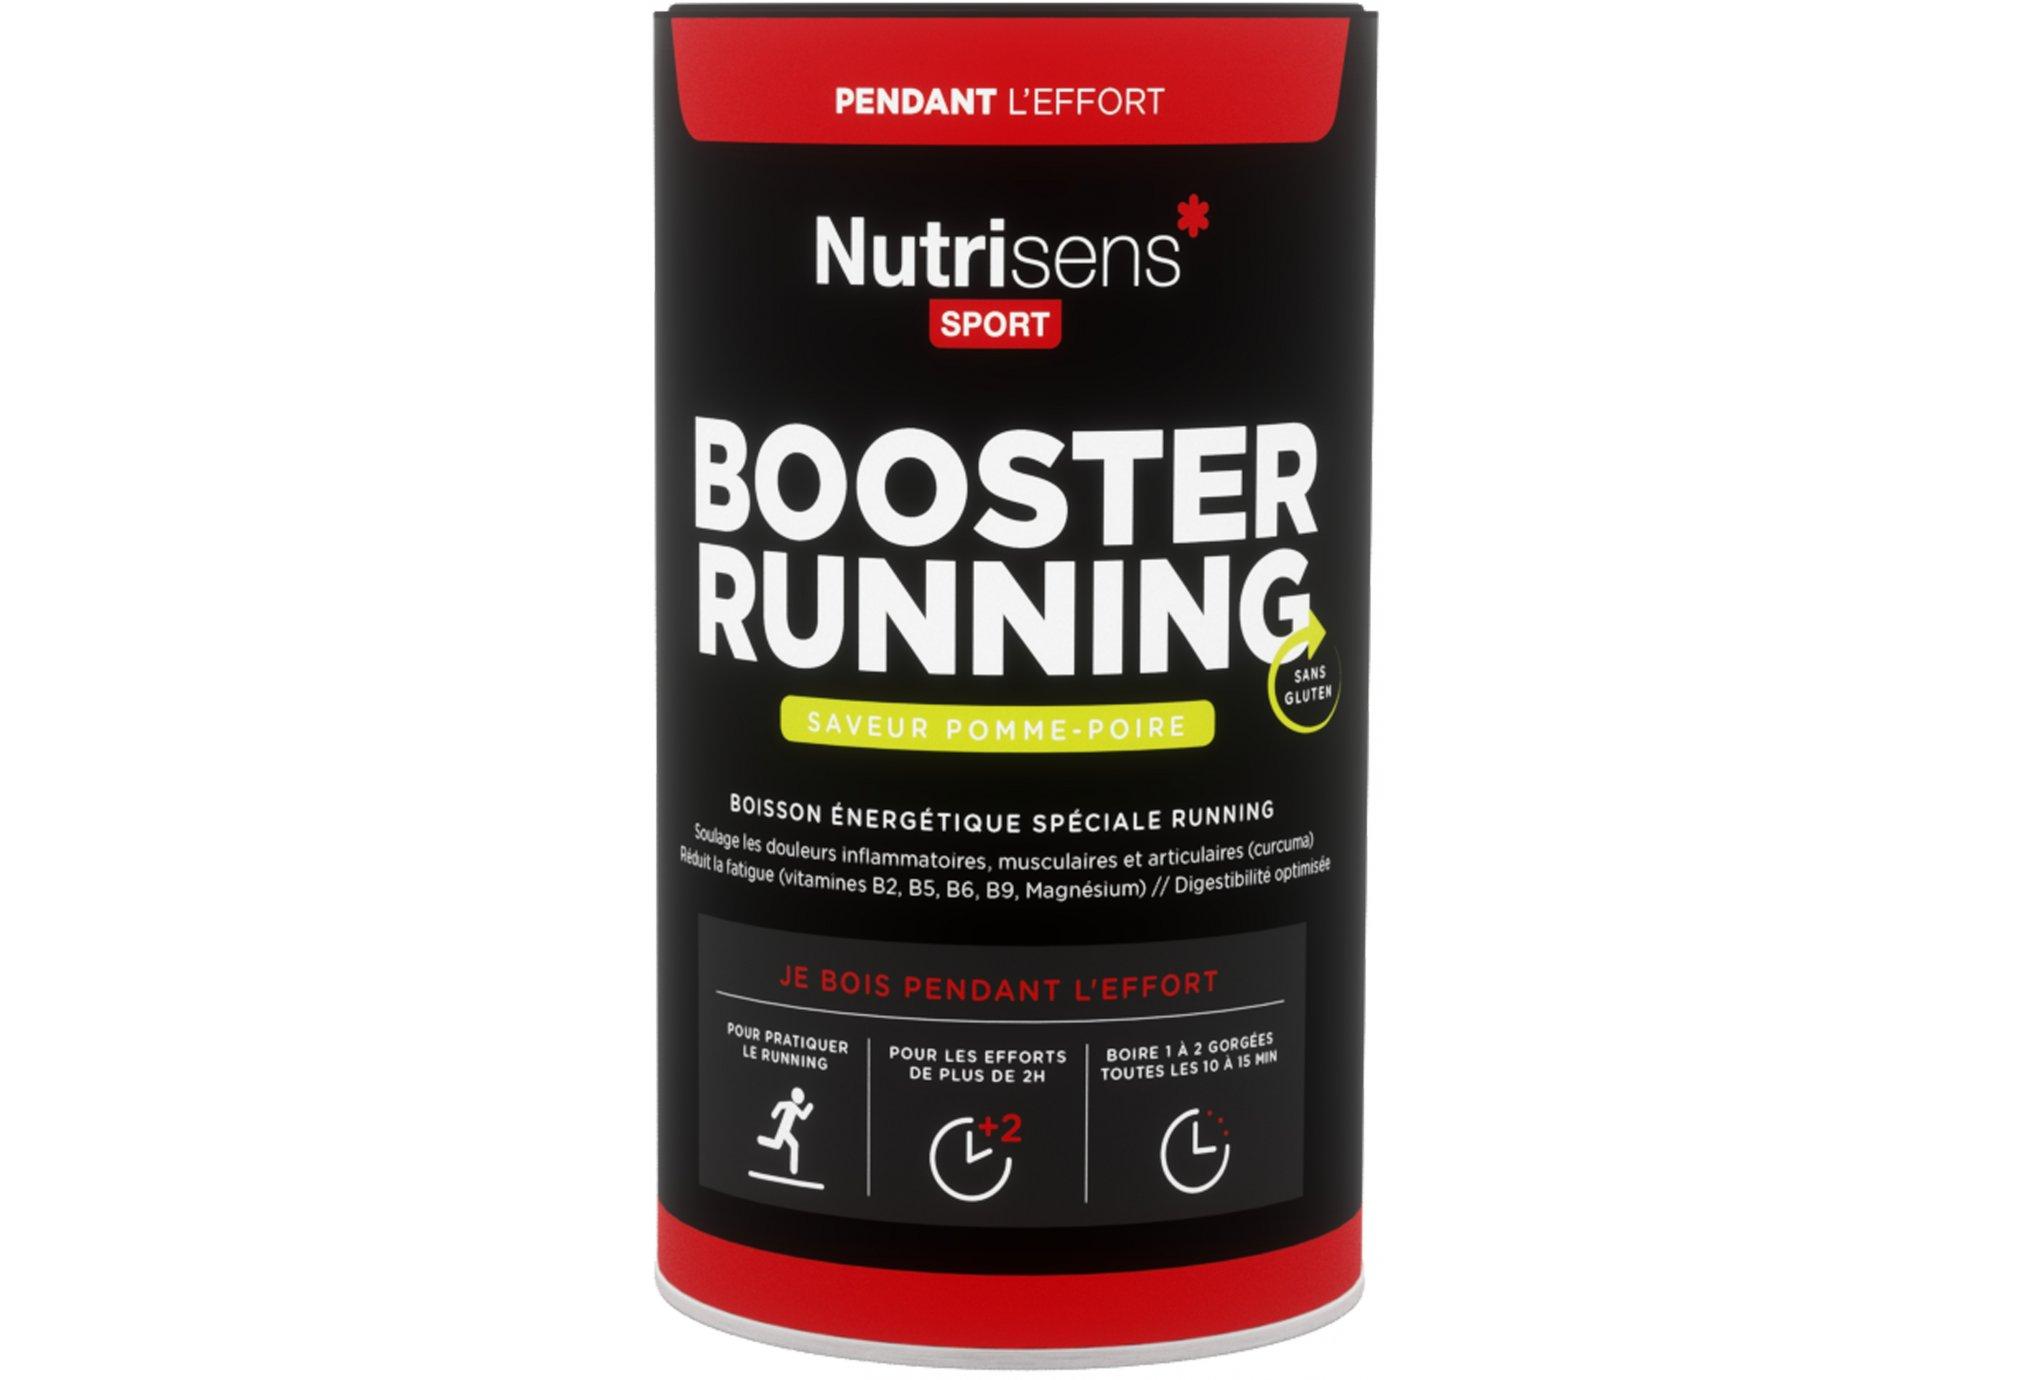 Nutrisens Sport booster running - pomme/poire diététique boissons